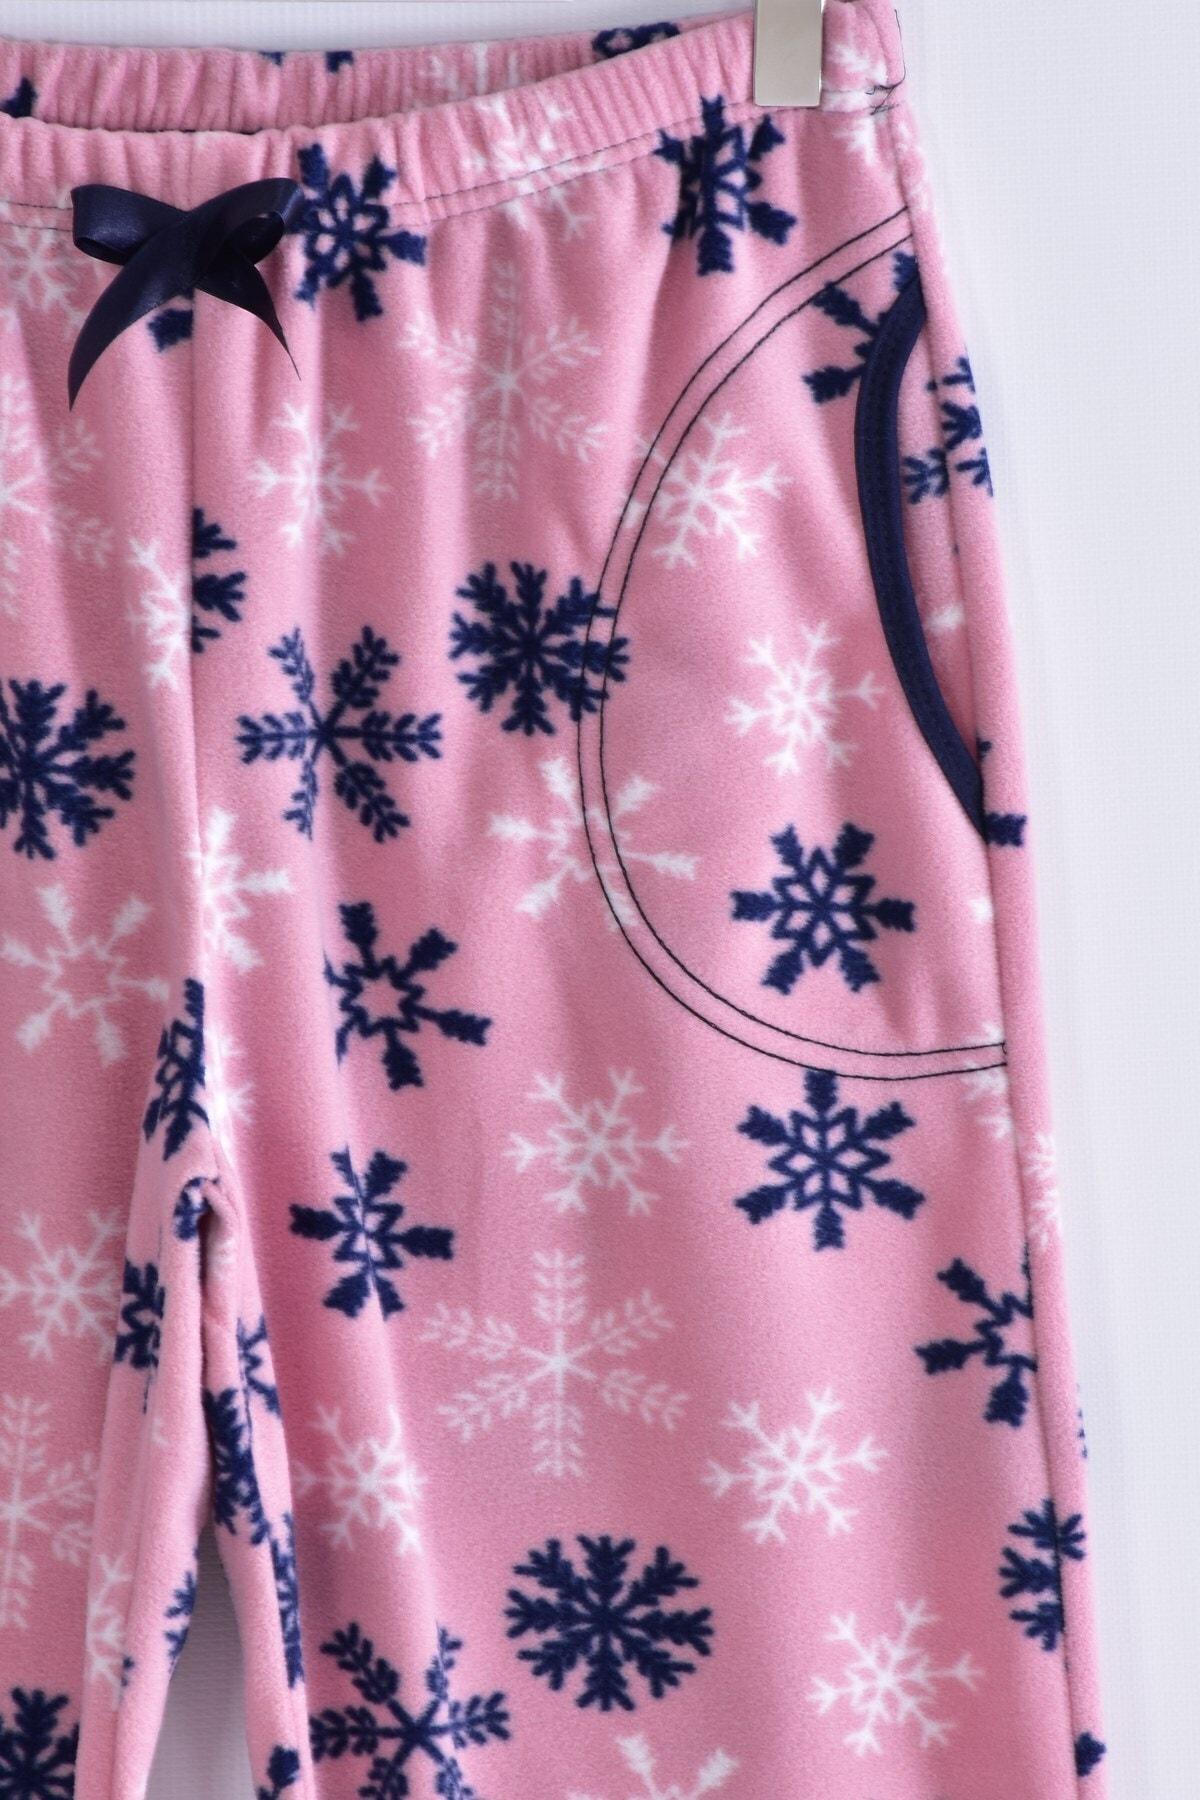 Pemilo Kadın Pudra Büyük Beden Cepli Welsoft Polar Tek Pijama Alt 245-03 2